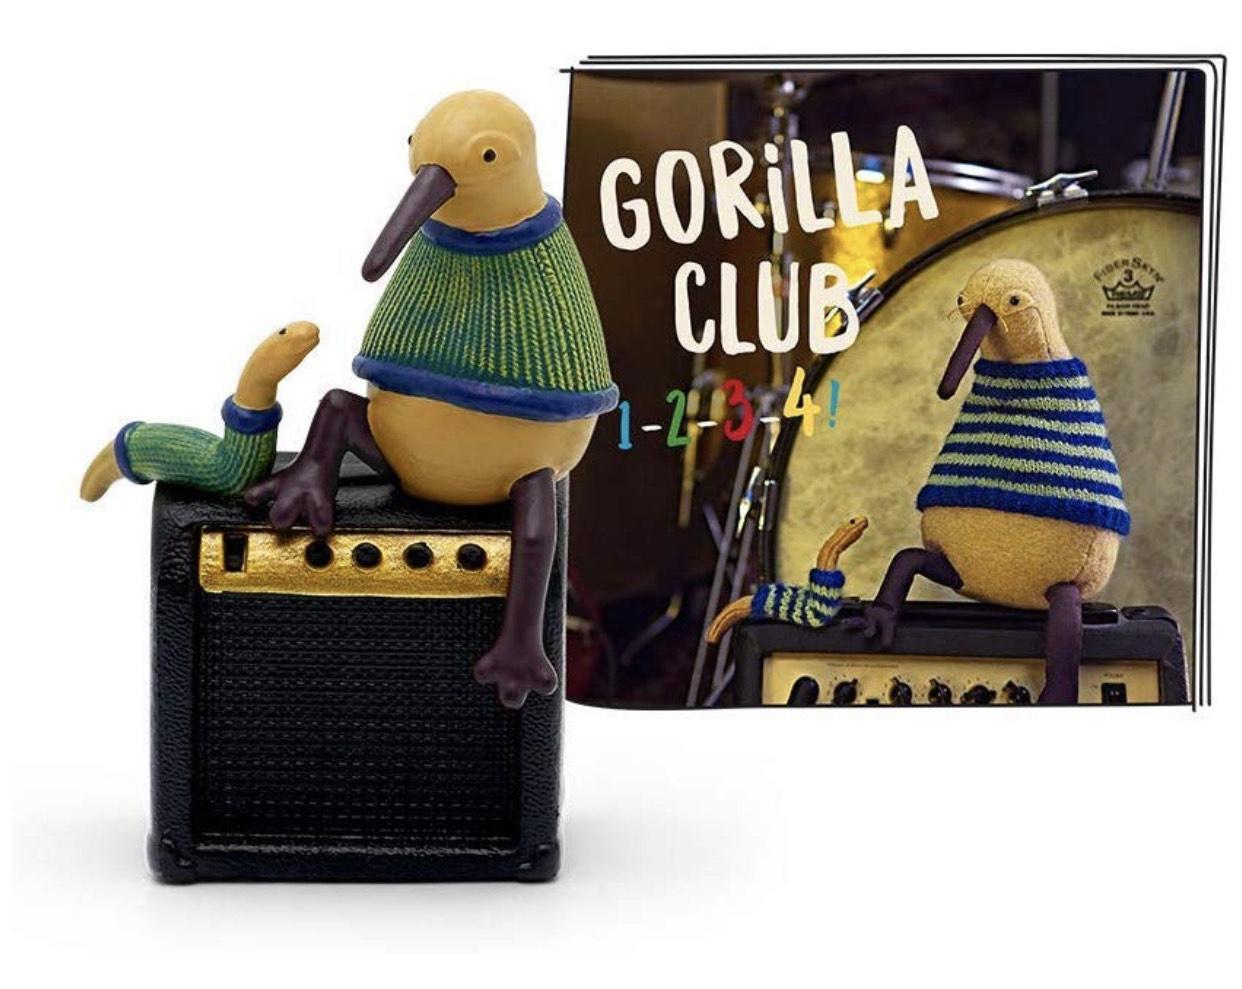 Tonie Hörfigur - Gorilla Club - 1-2-3-4!